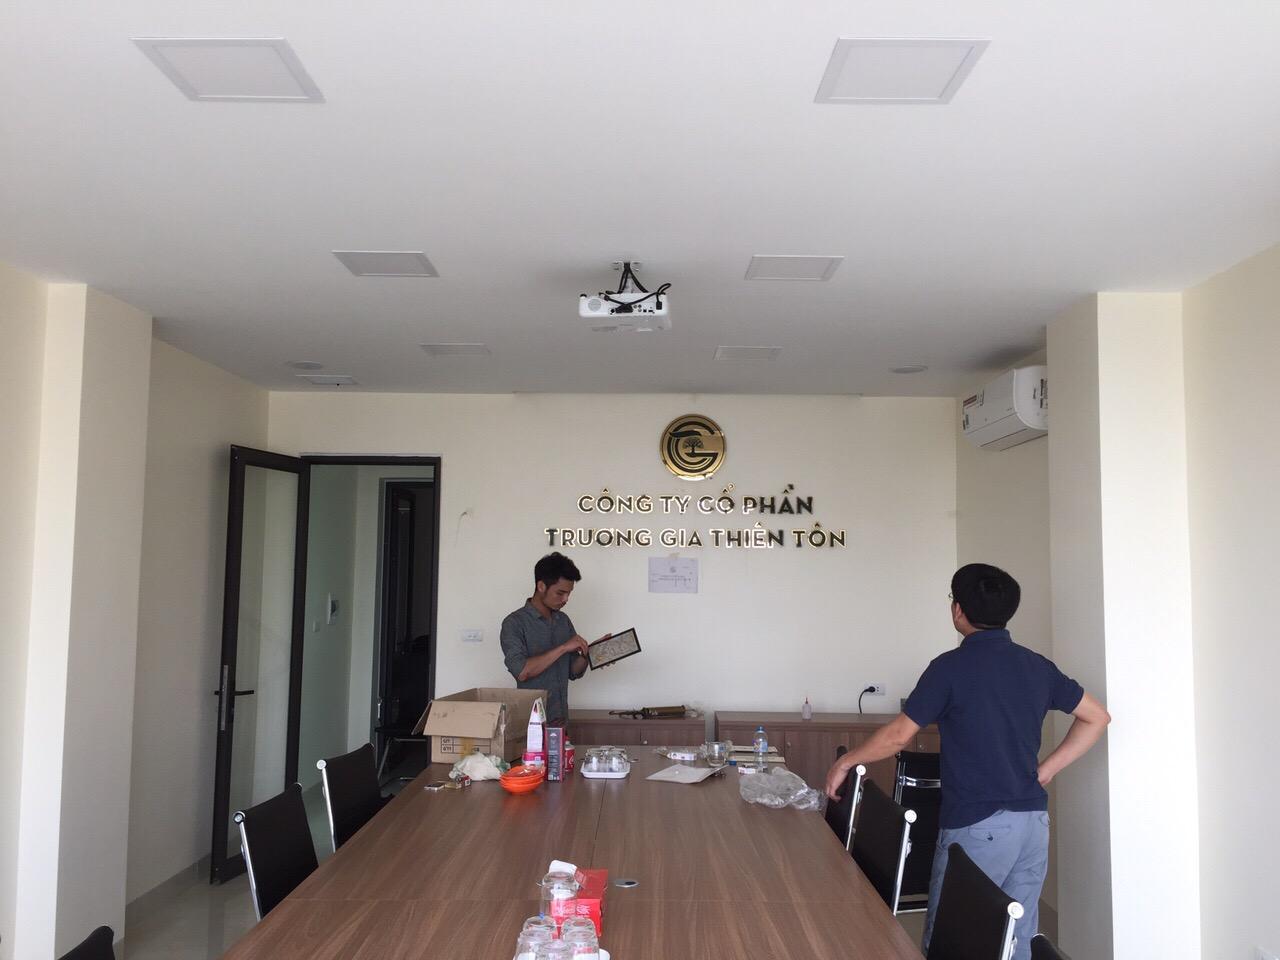 Làm Biển hiệu Chữ Nổi Chuyên Nghiệp Tại  Quận Long Biên 7